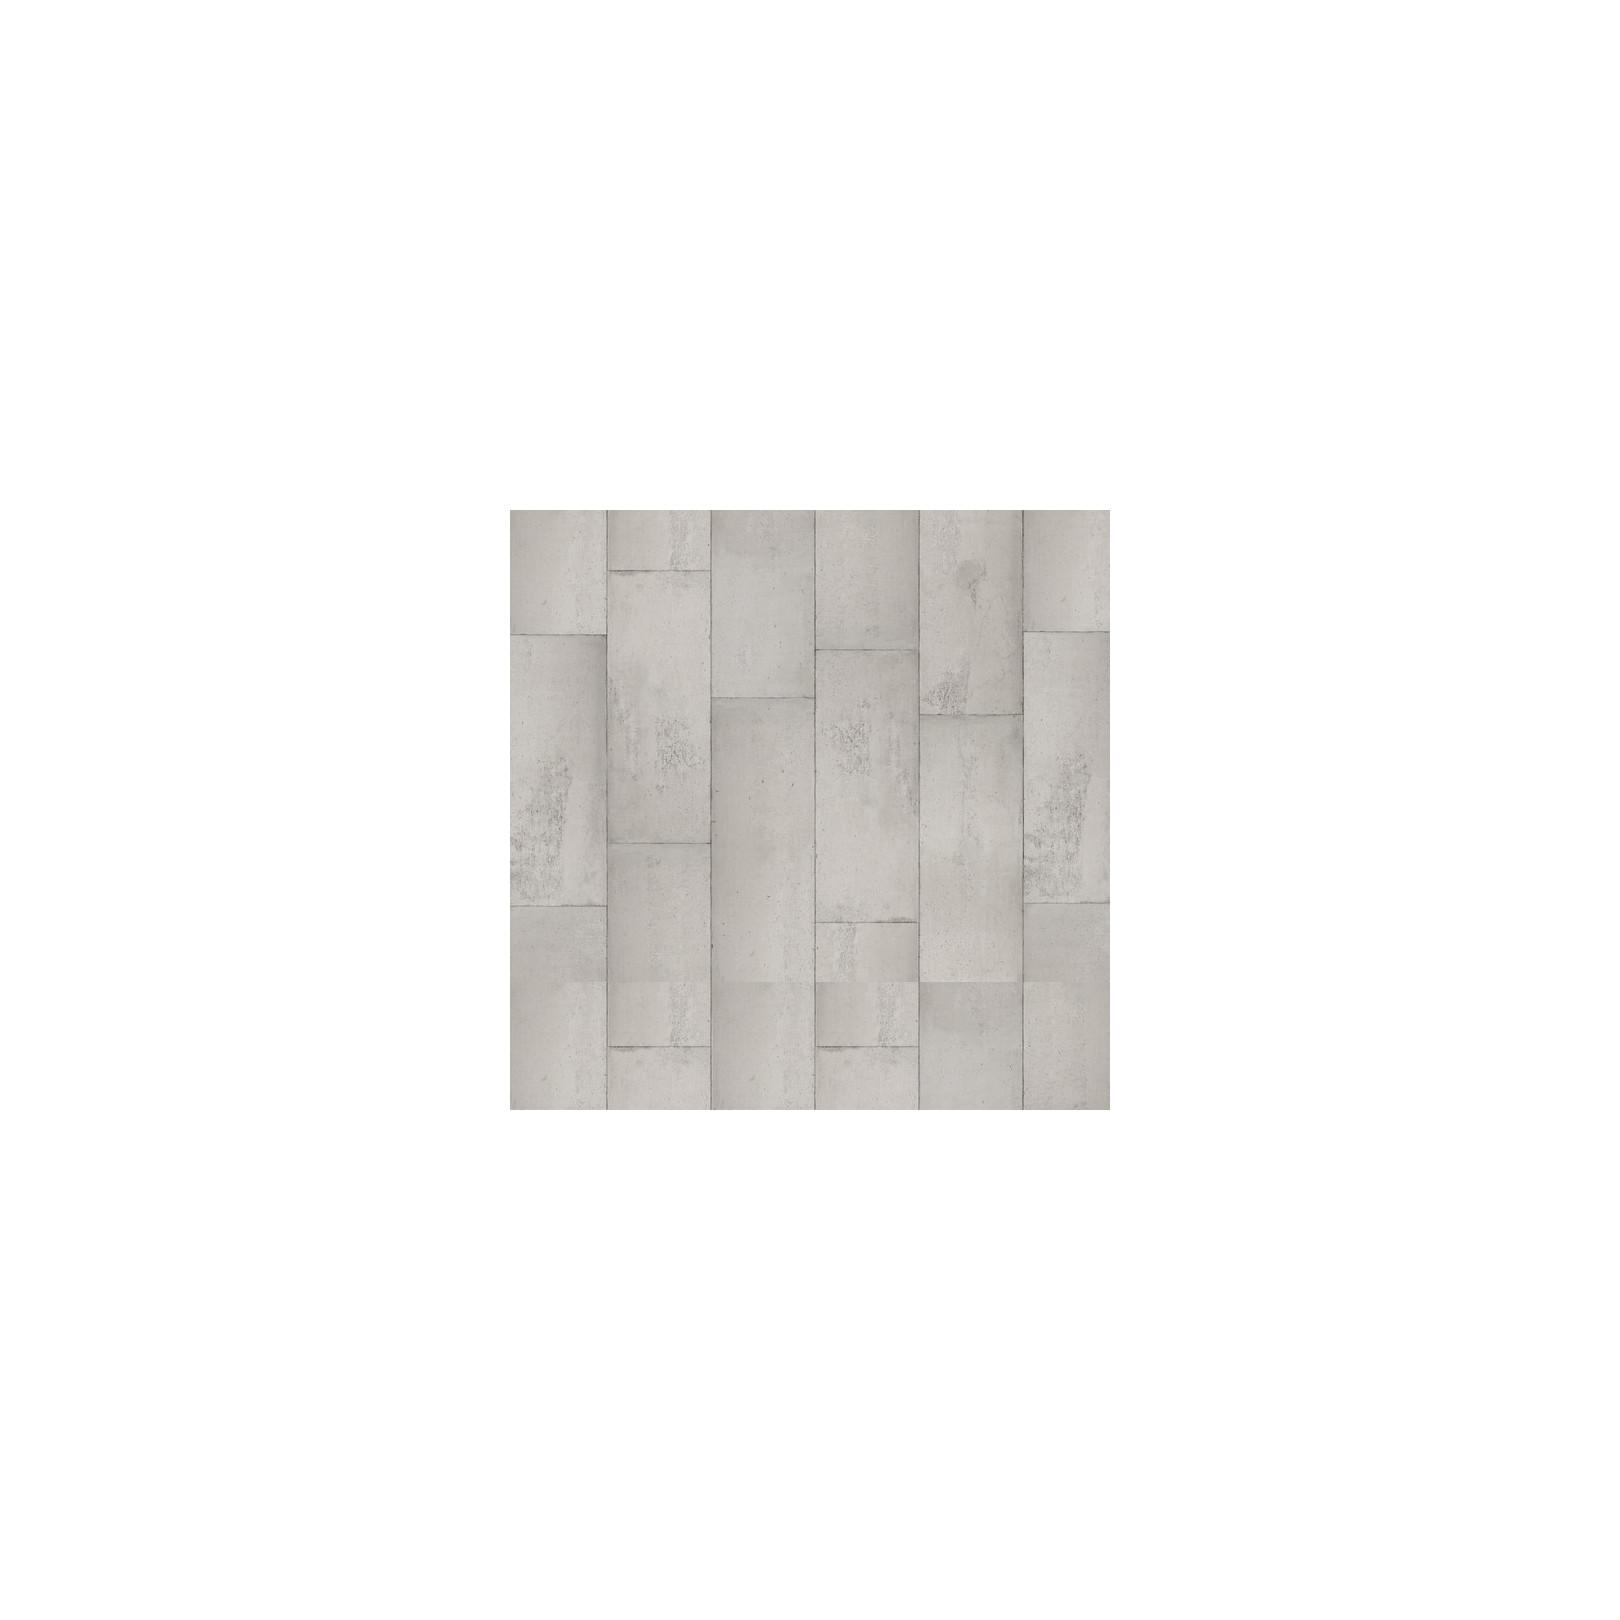 papier peint concrete 1